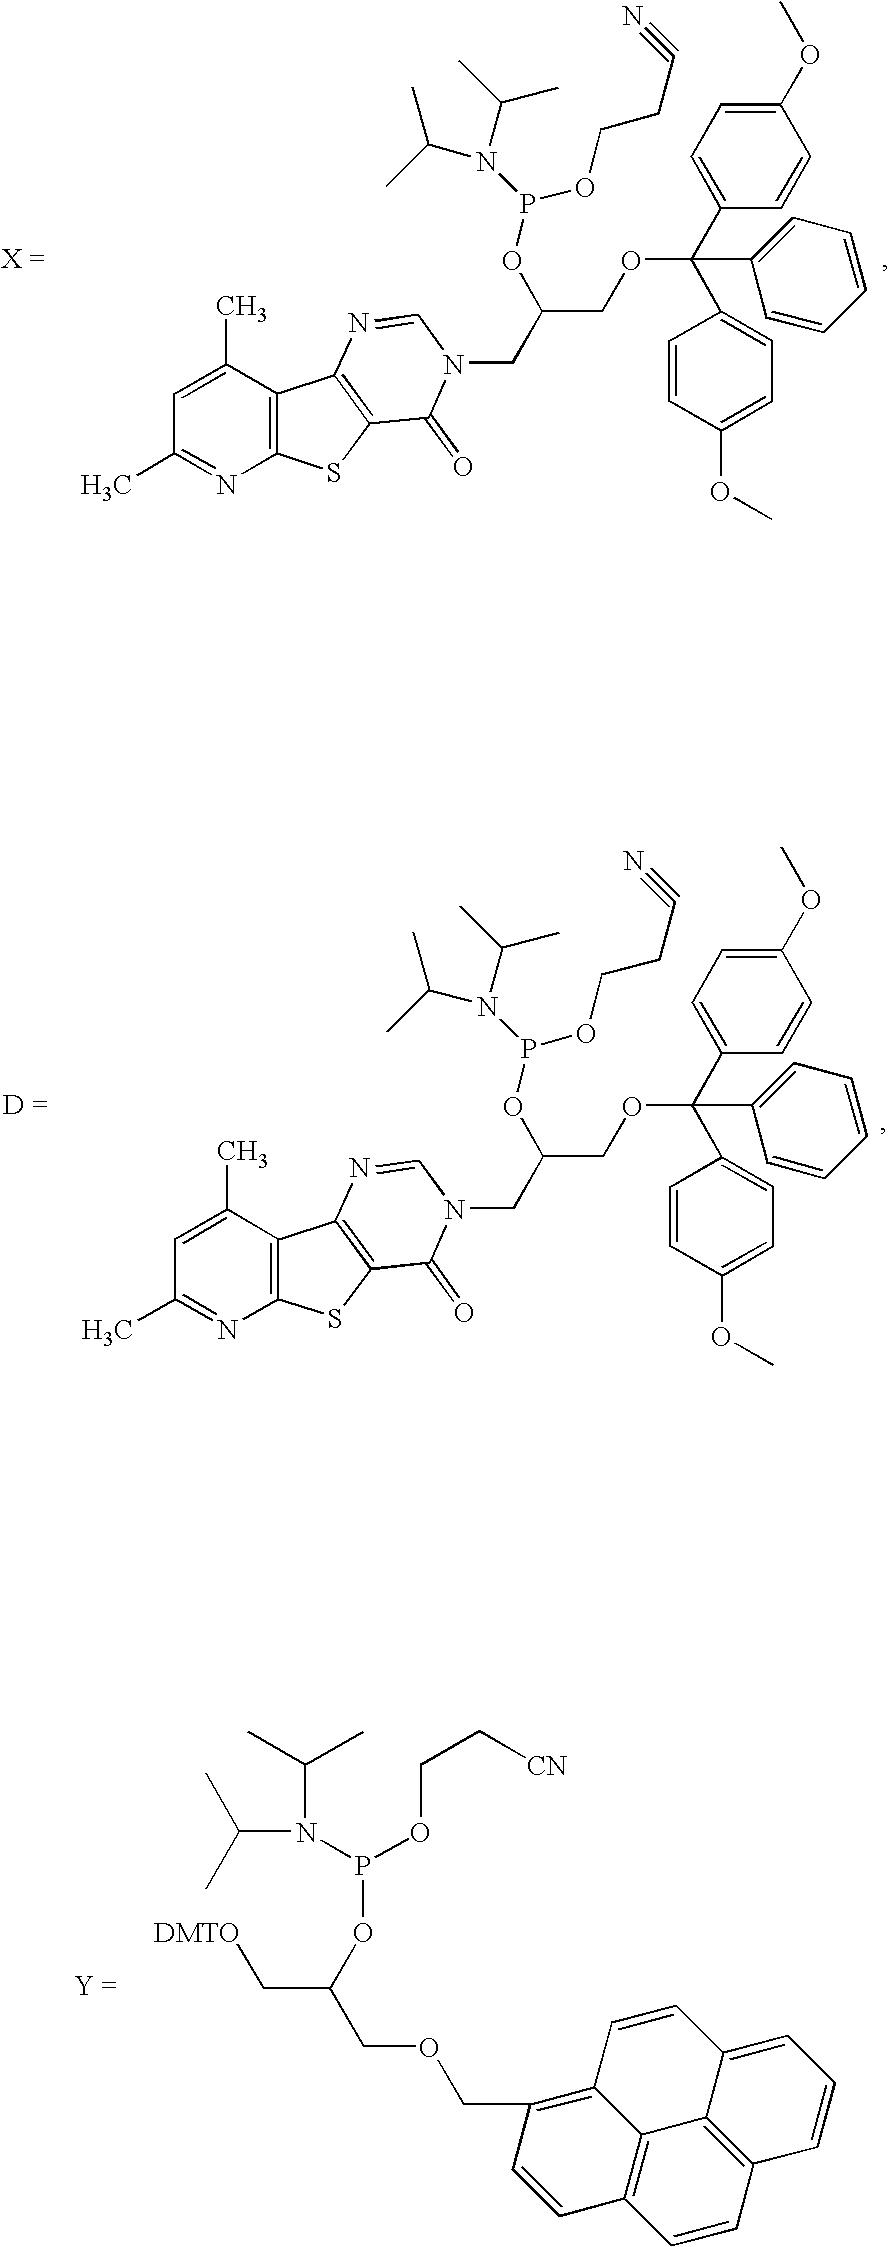 Figure US20060014144A1-20060119-C00169